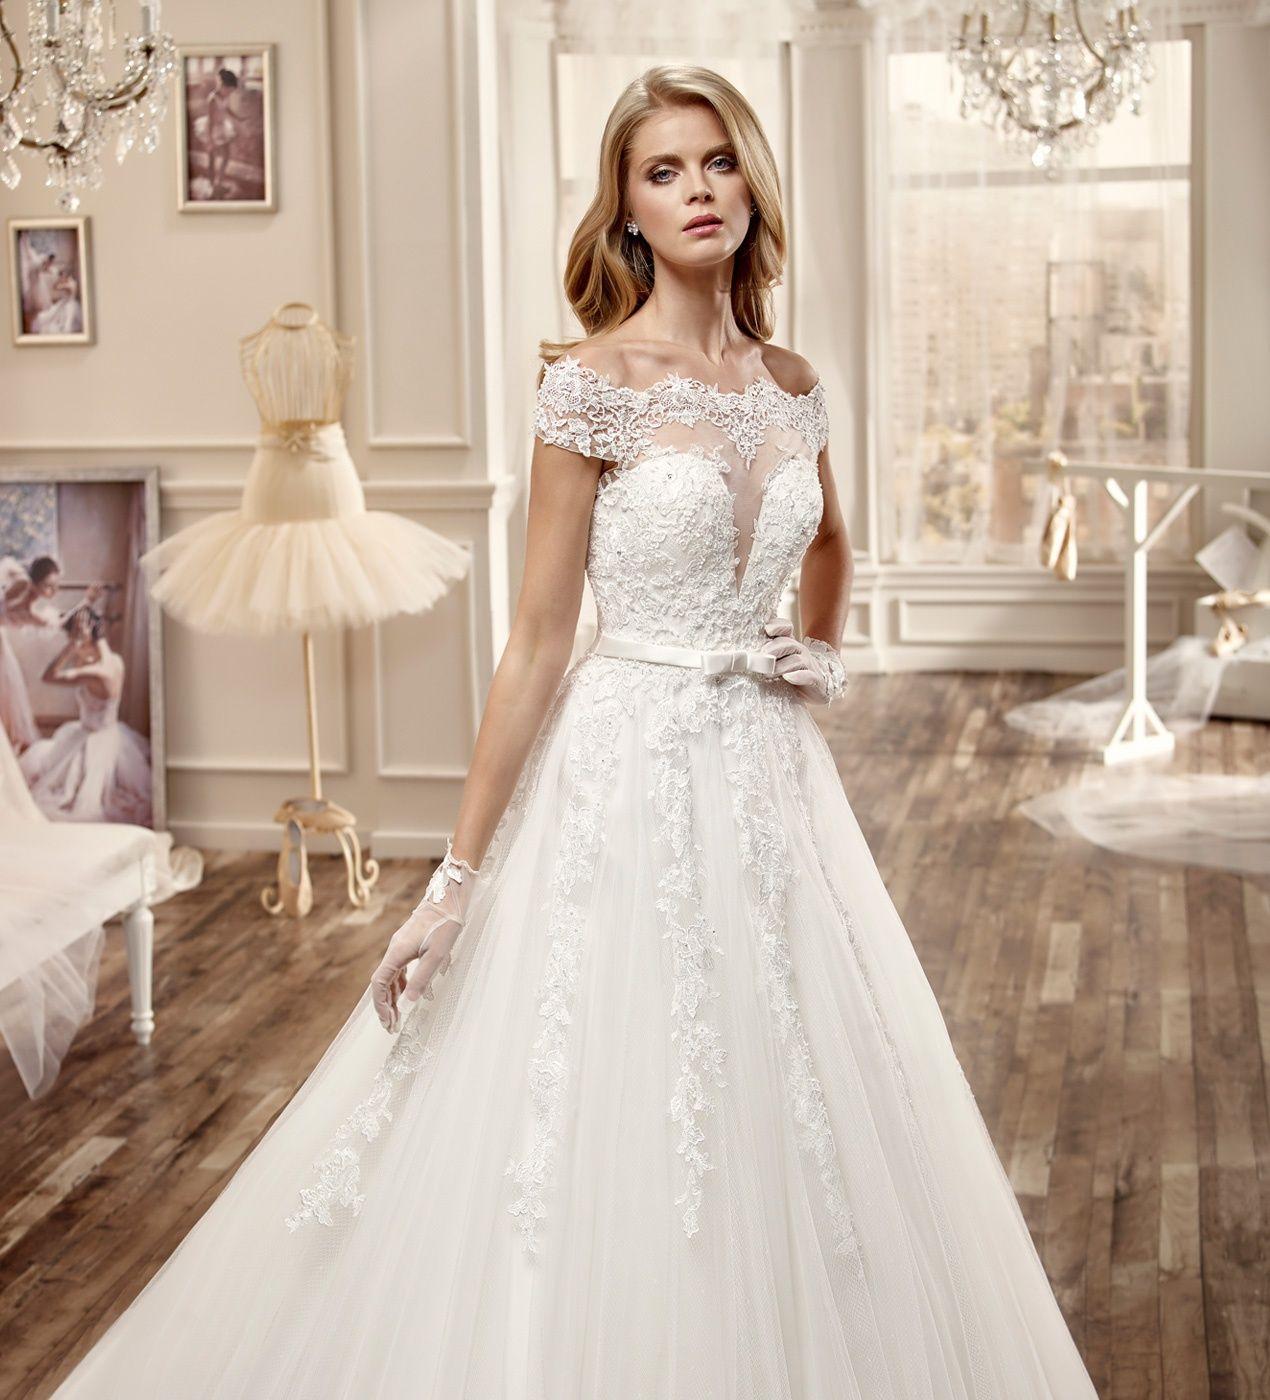 Rochii De Mireasa Printesa La Novia Wedding Dresses в 2019 г